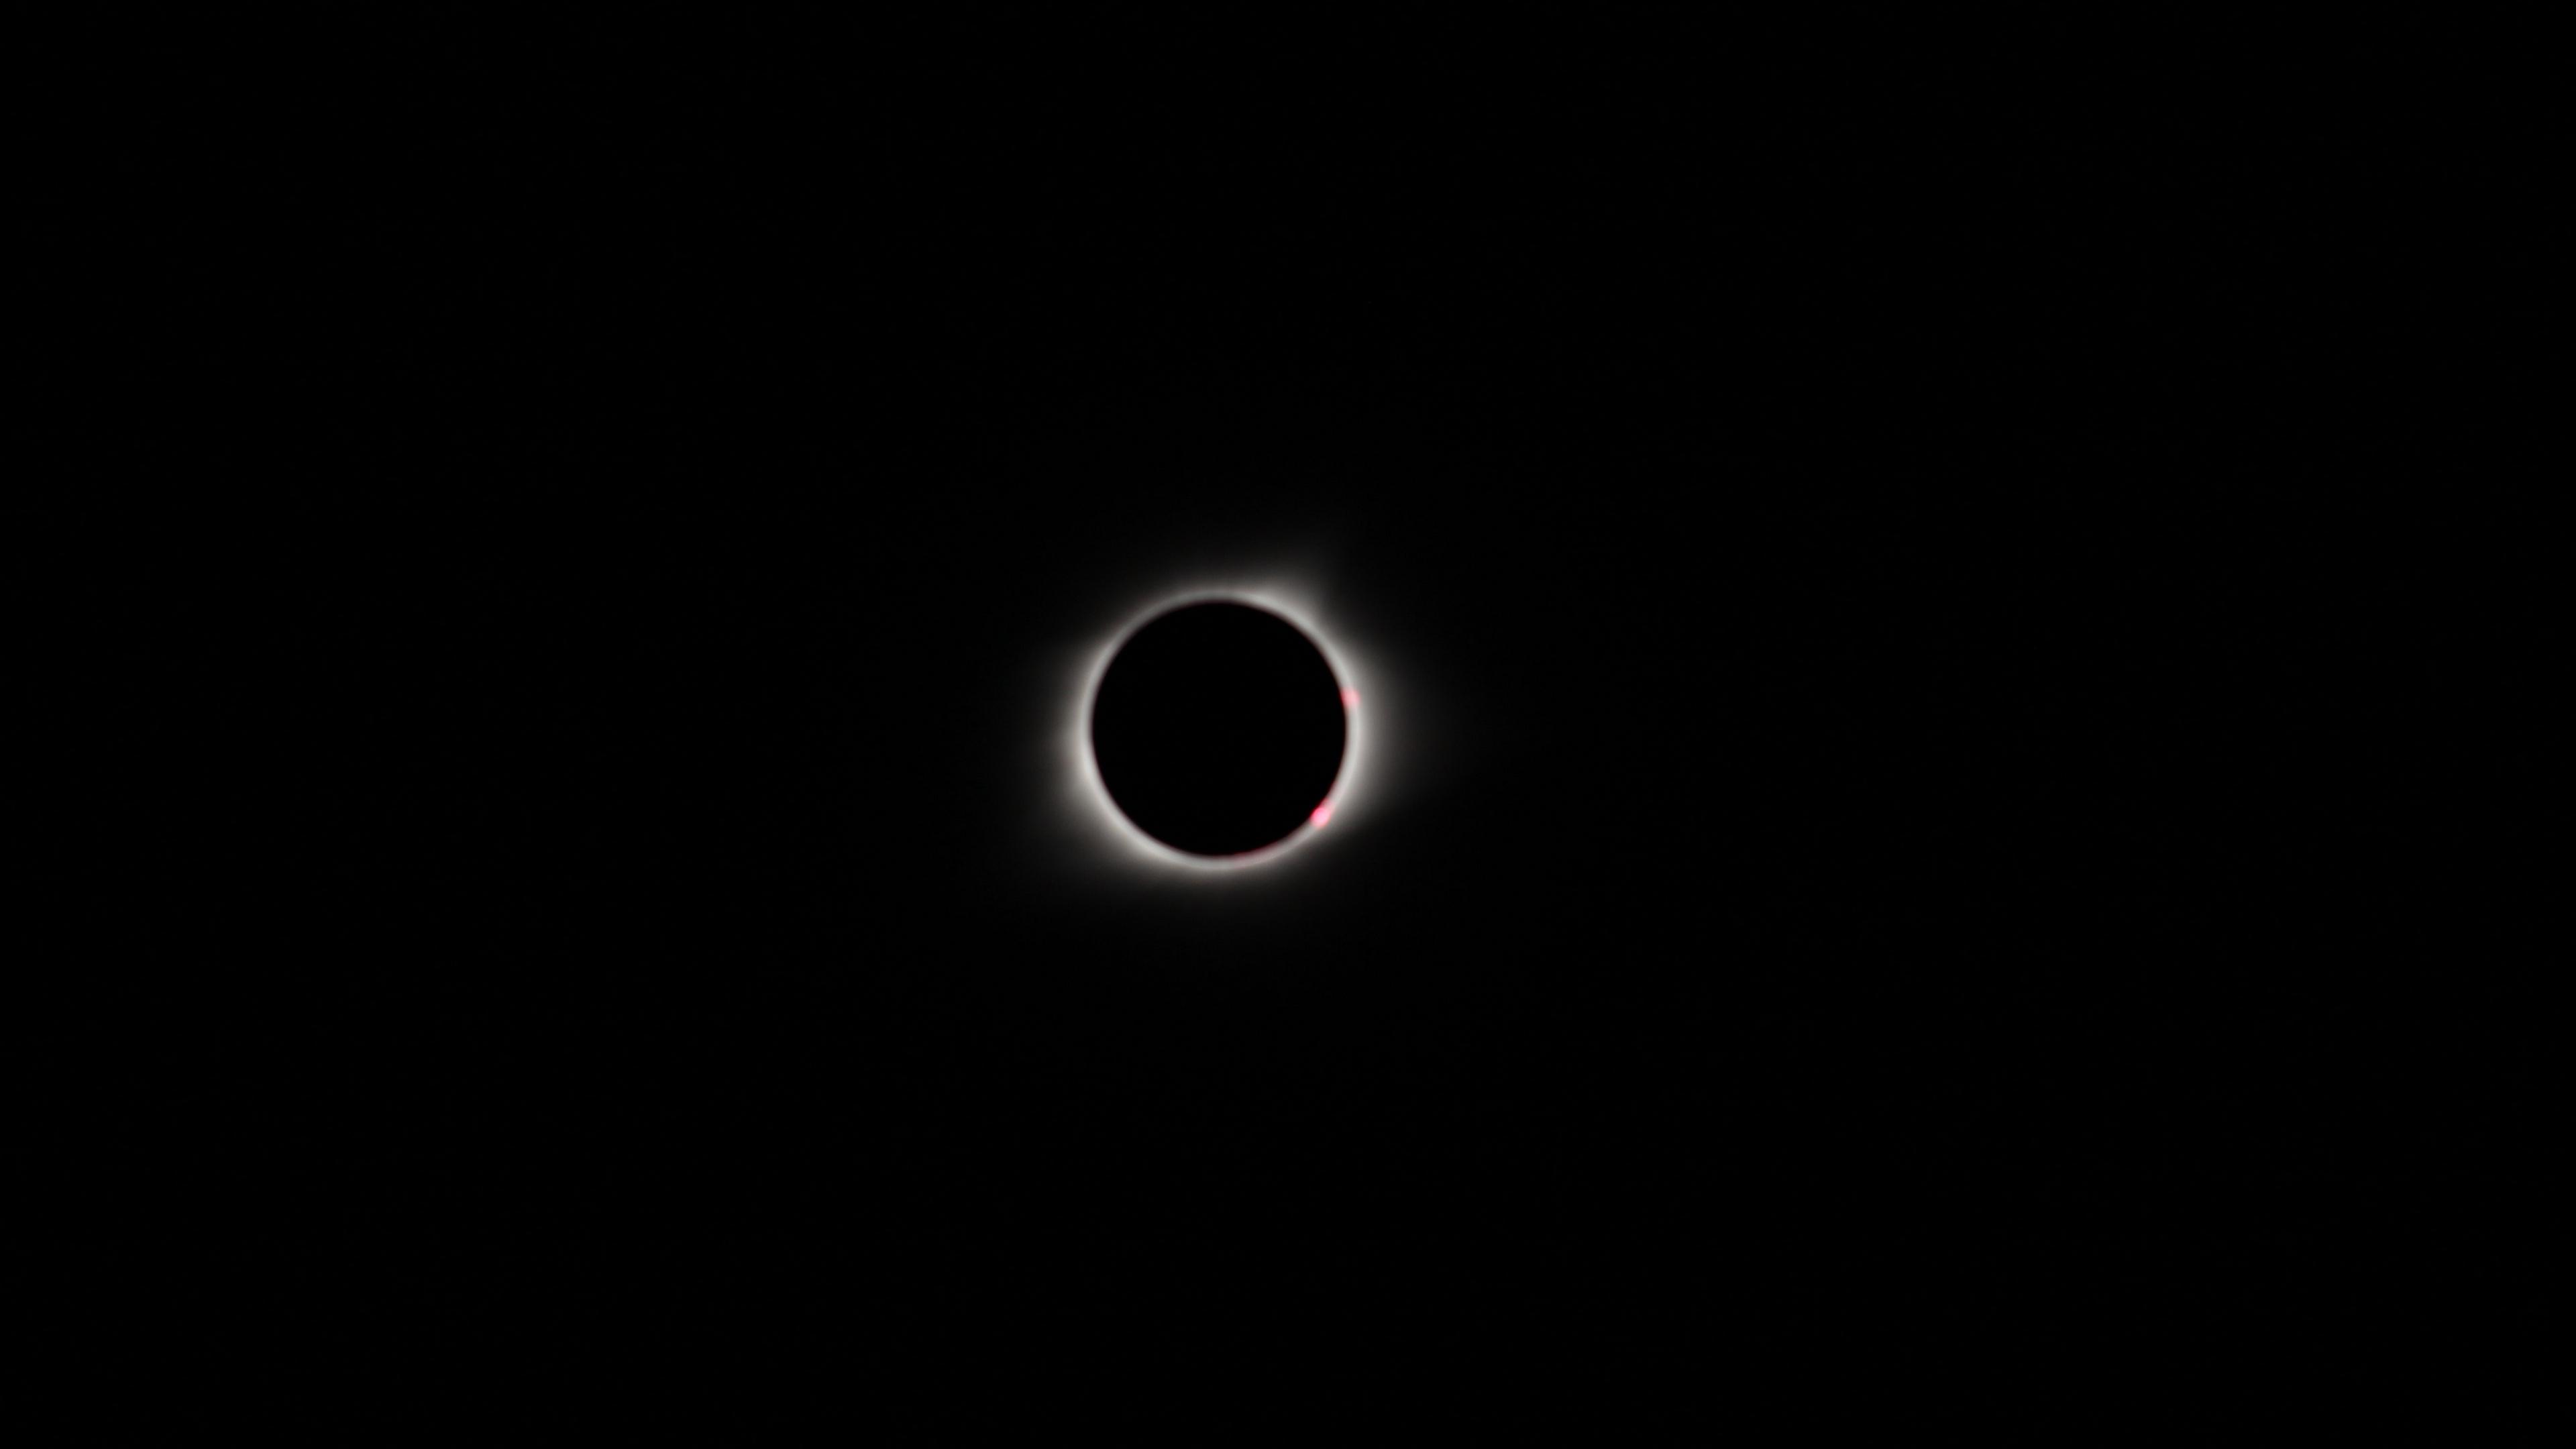 eclipse dark moon sun 4k 1540574913 - eclipse, dark, moon, sun 4k - Moon, Eclipse, Dark